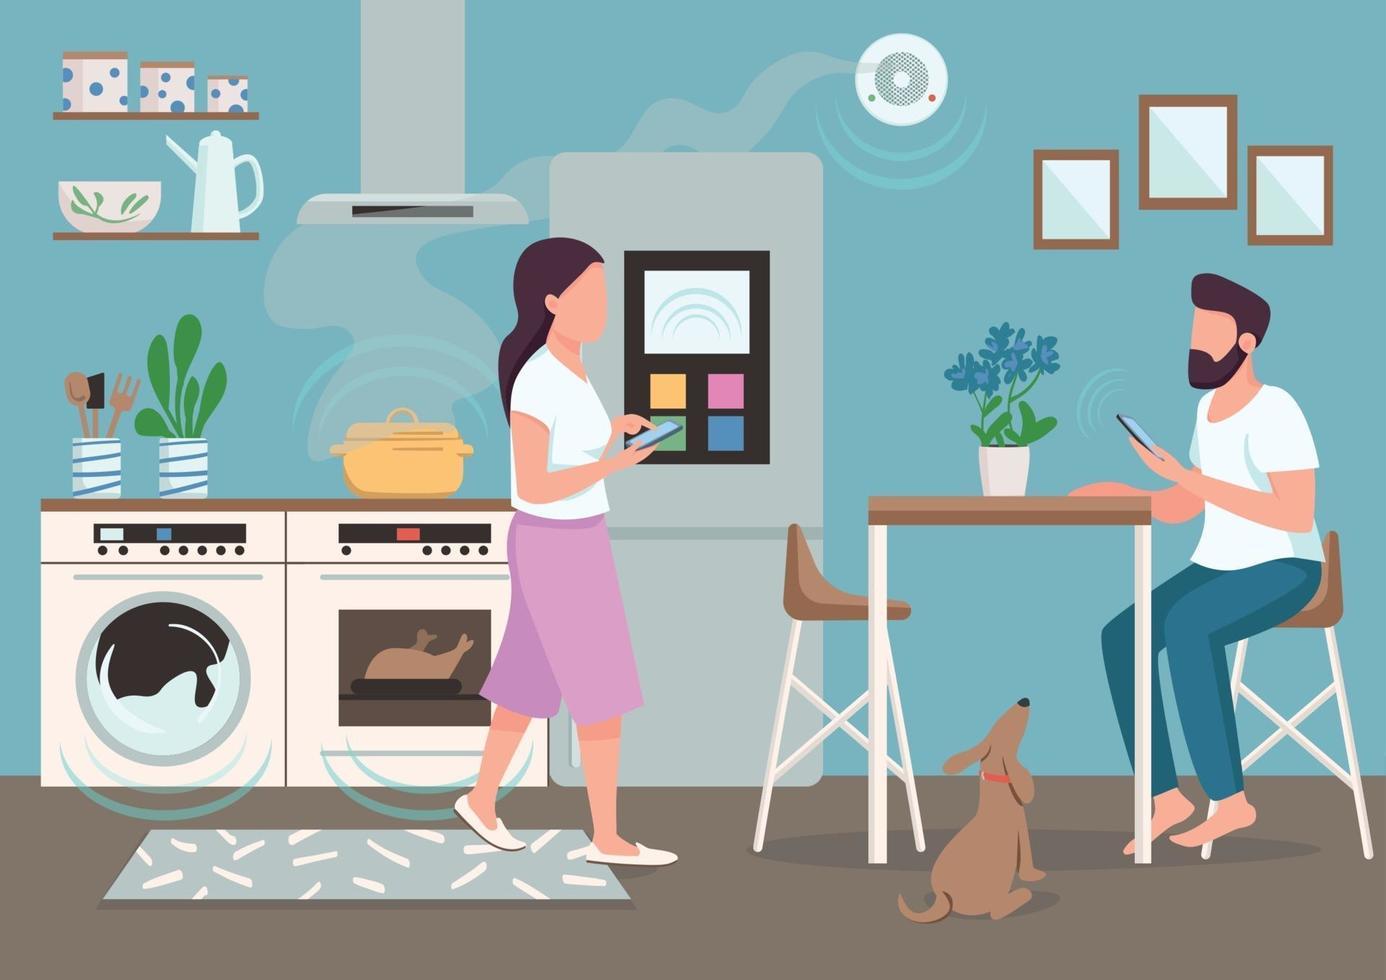 paar in slimme keuken egale kleur vectorillustratie. mensen die geautomatiseerde huishoudelijke apparaten gebruiken. jonge man en vrouw met smartphones 2d stripfiguren met eetkamer op achtergrond vector